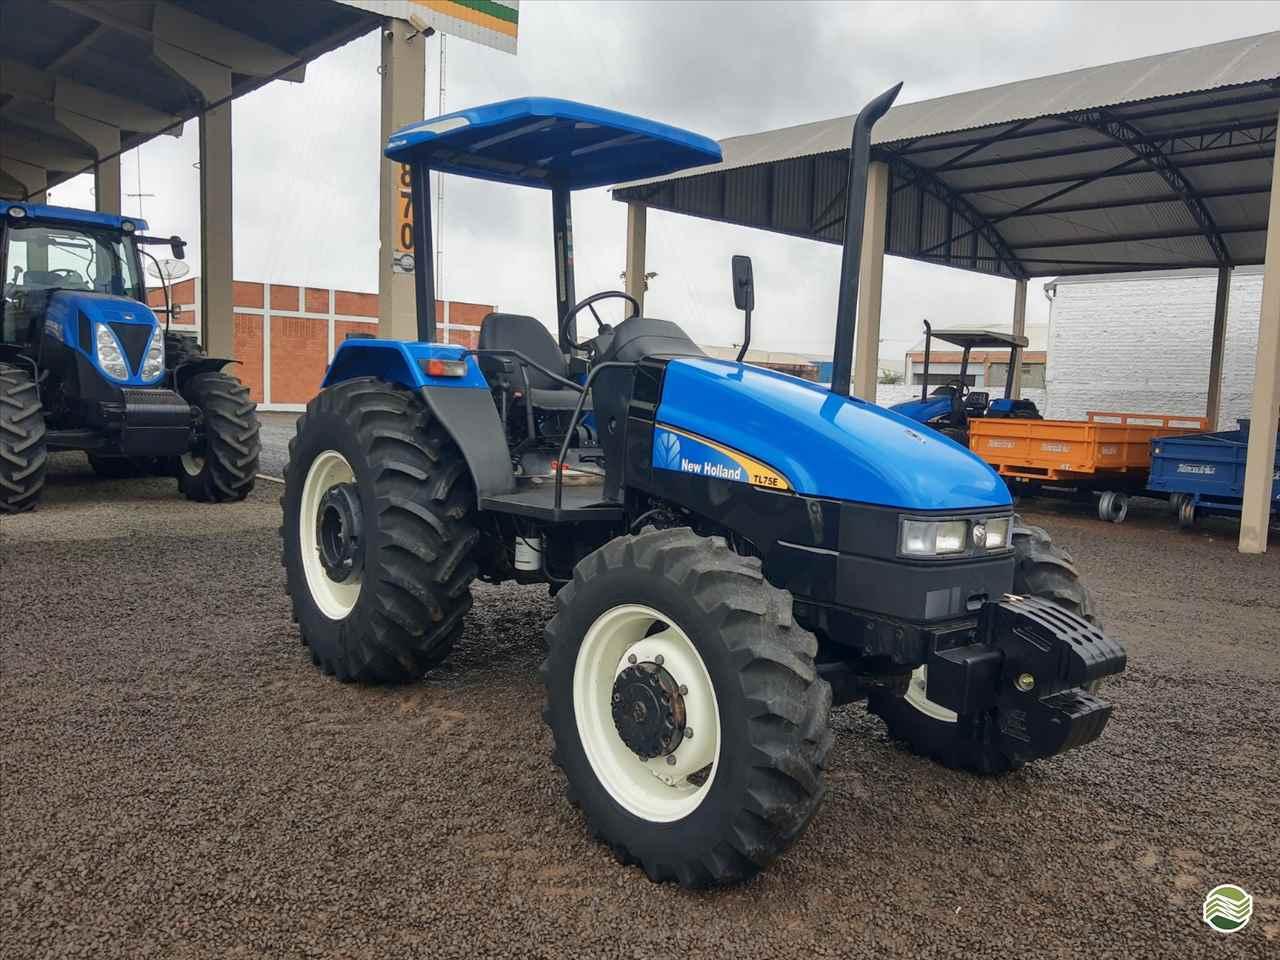 TRATOR NEW HOLLAND NEW TL 75 Tração 4x4 GR Máquinas Agrícolas ARAPONGAS PARANÁ PR